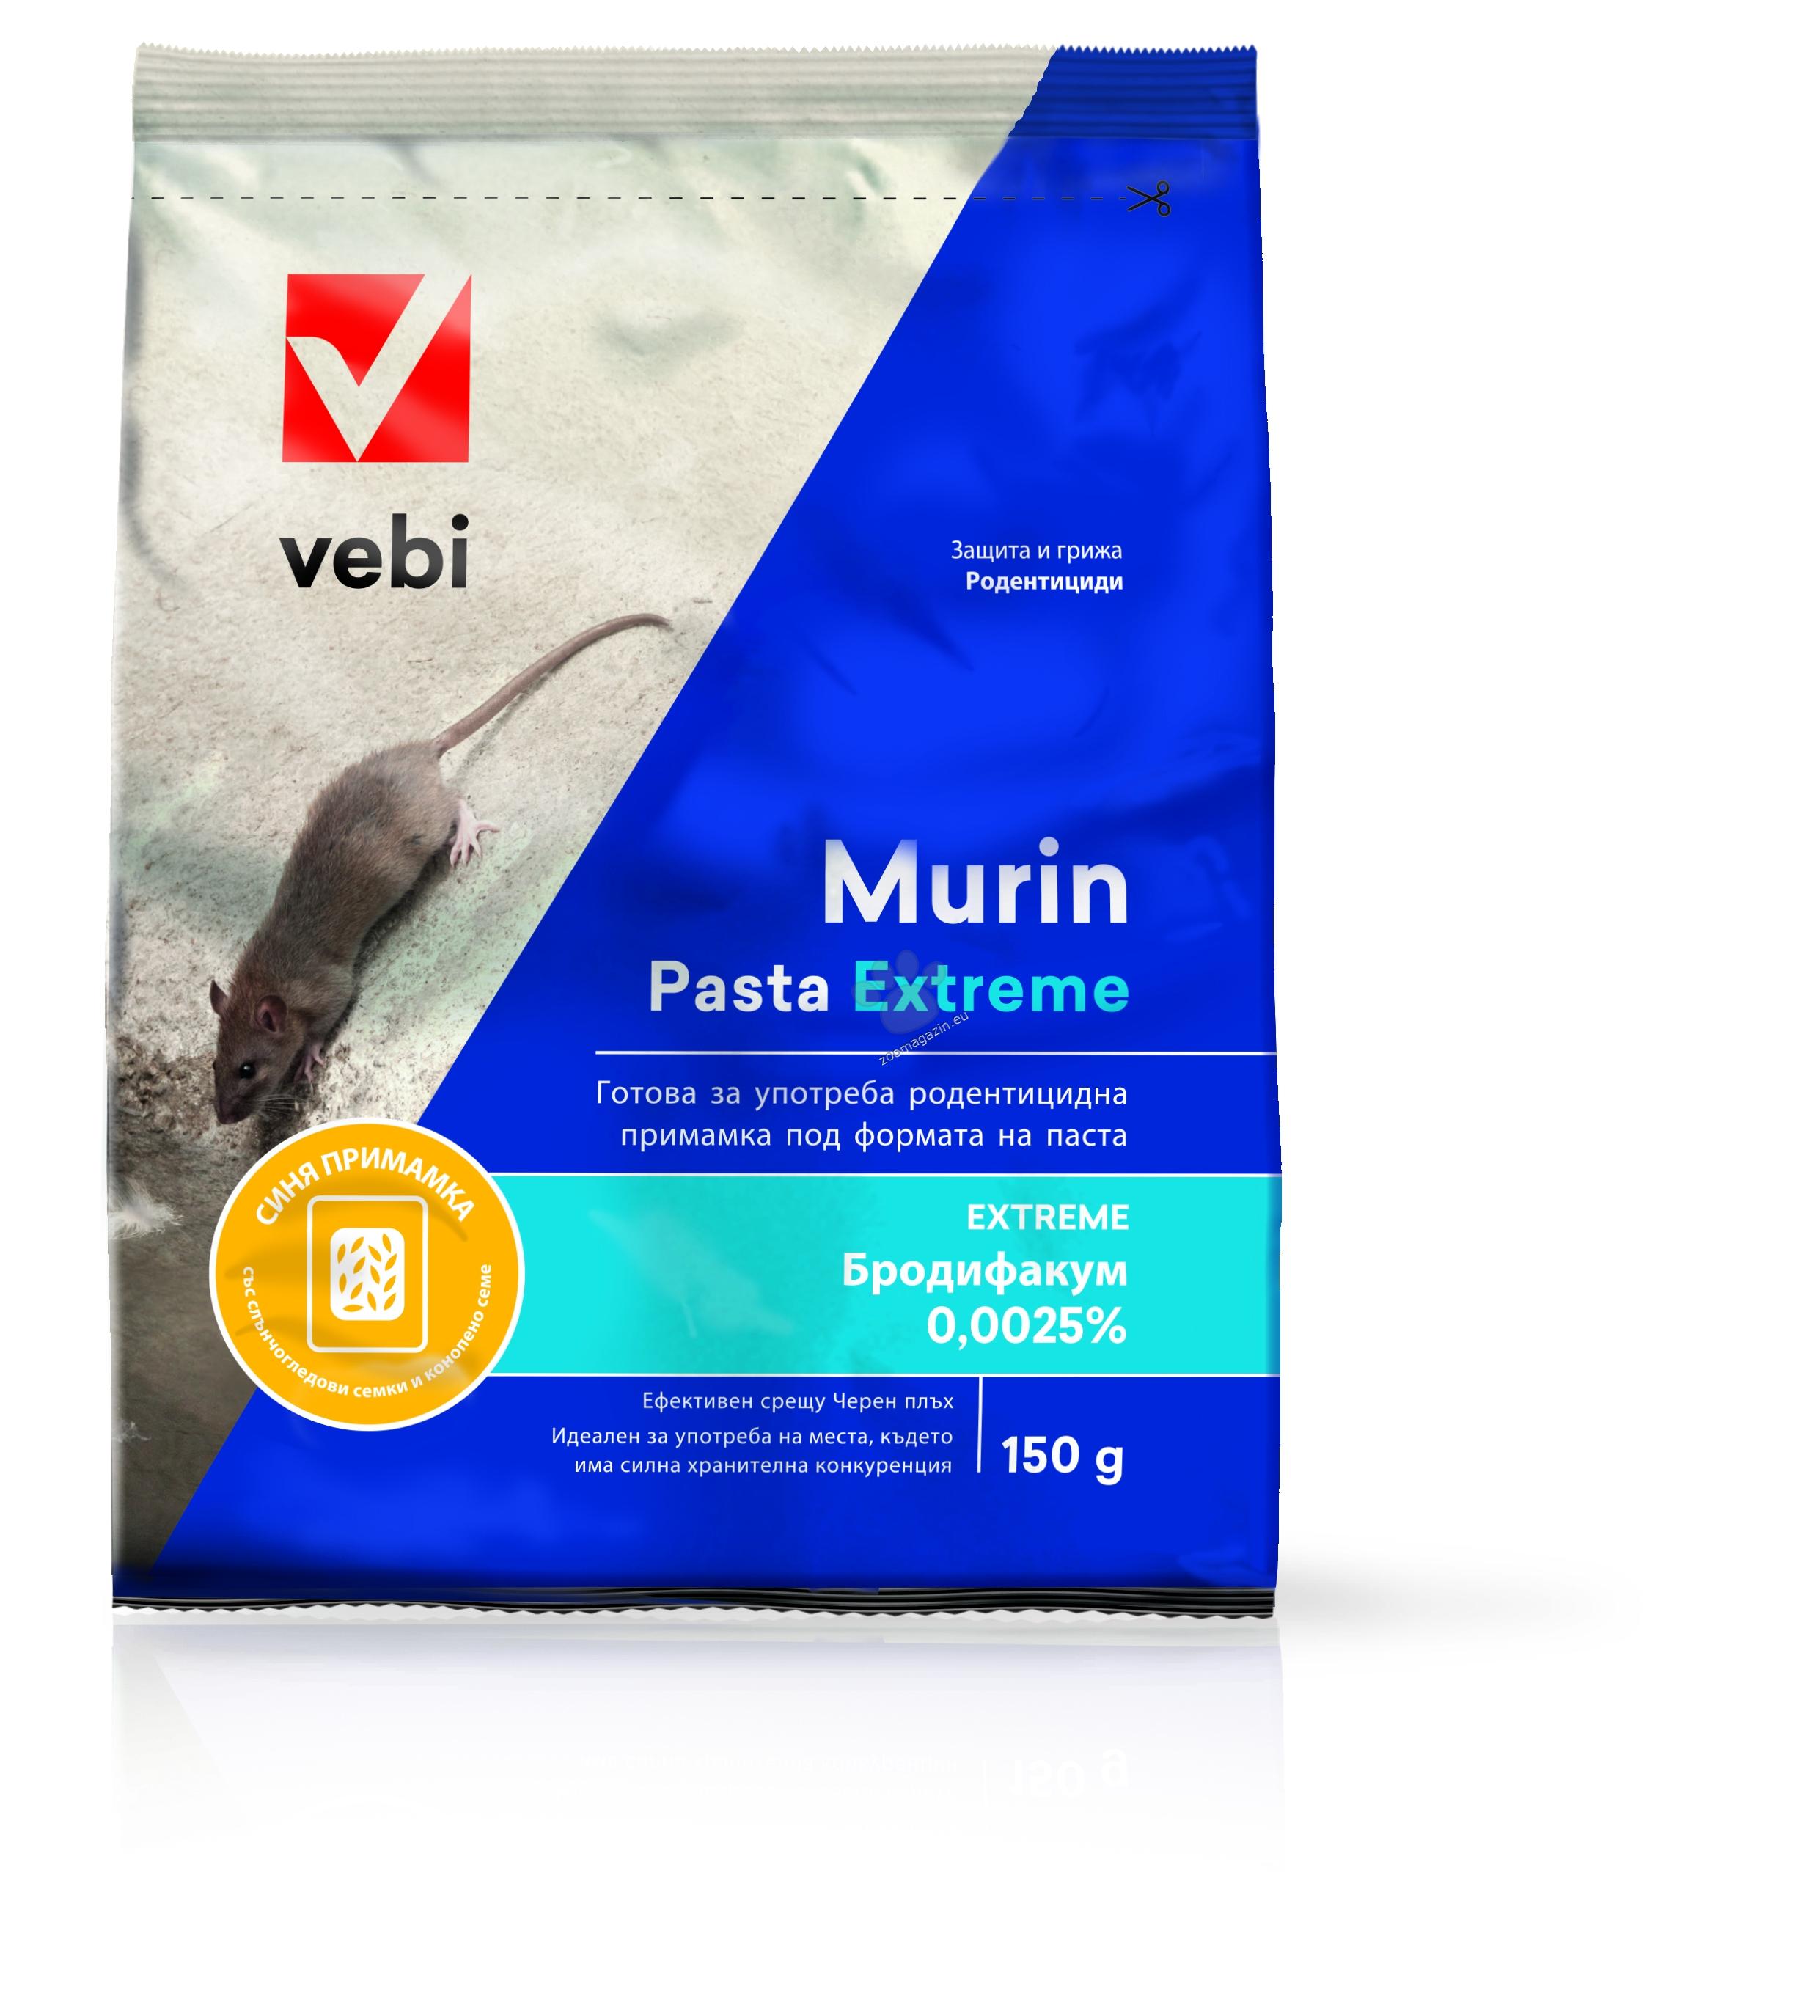 Murin Pasta Extreme - Готова за употреба родентицидка примамки за масова употреба 150 гр.